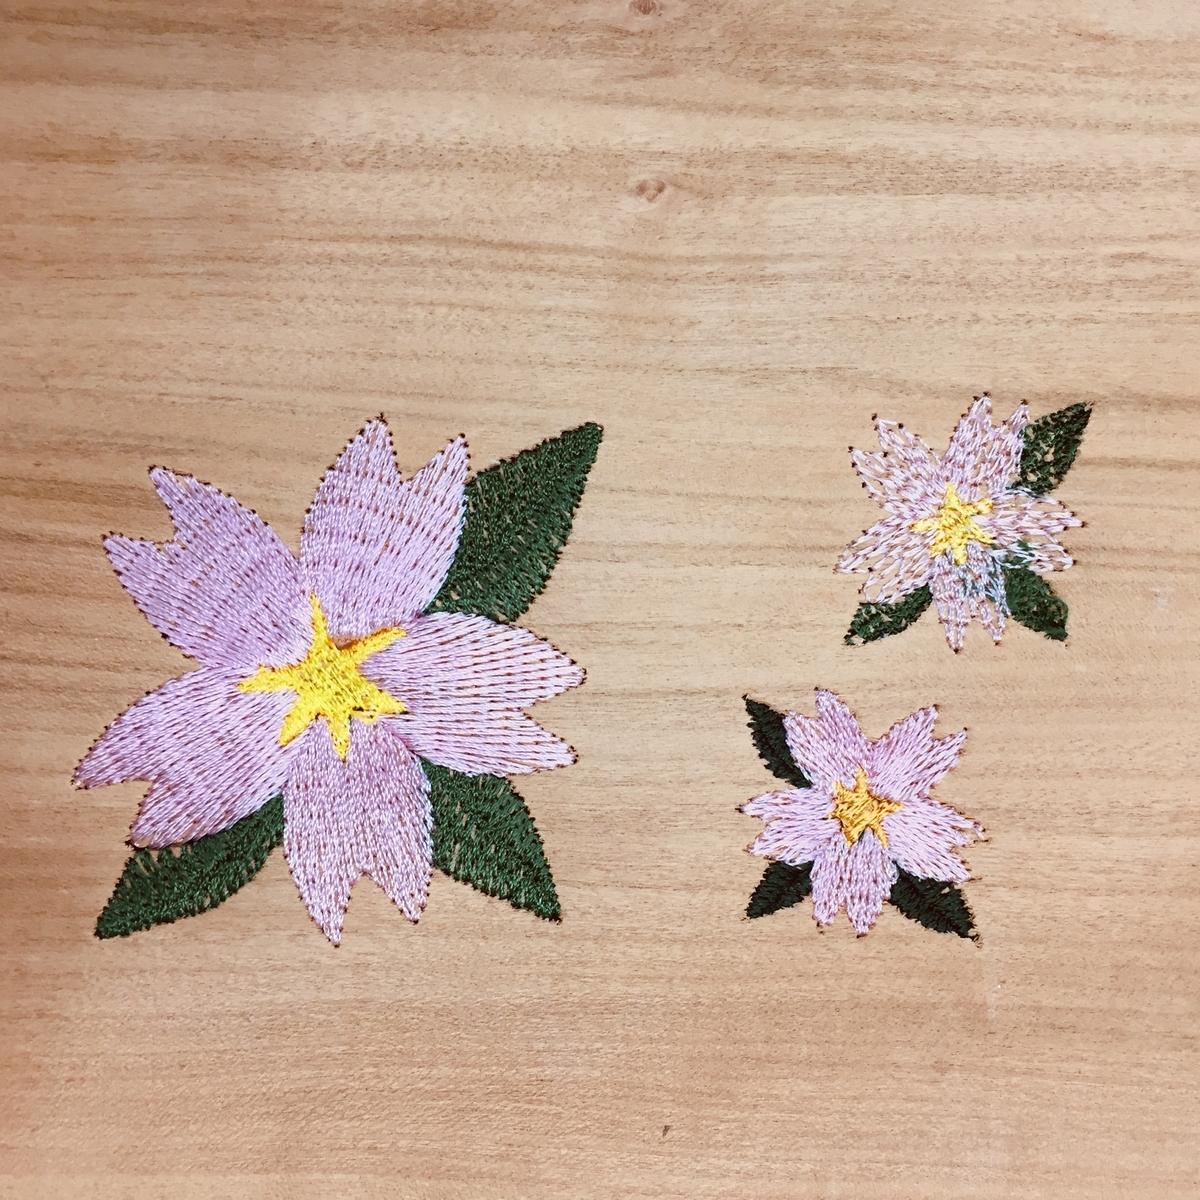 f:id:embroideryplay:20190418172921j:plain